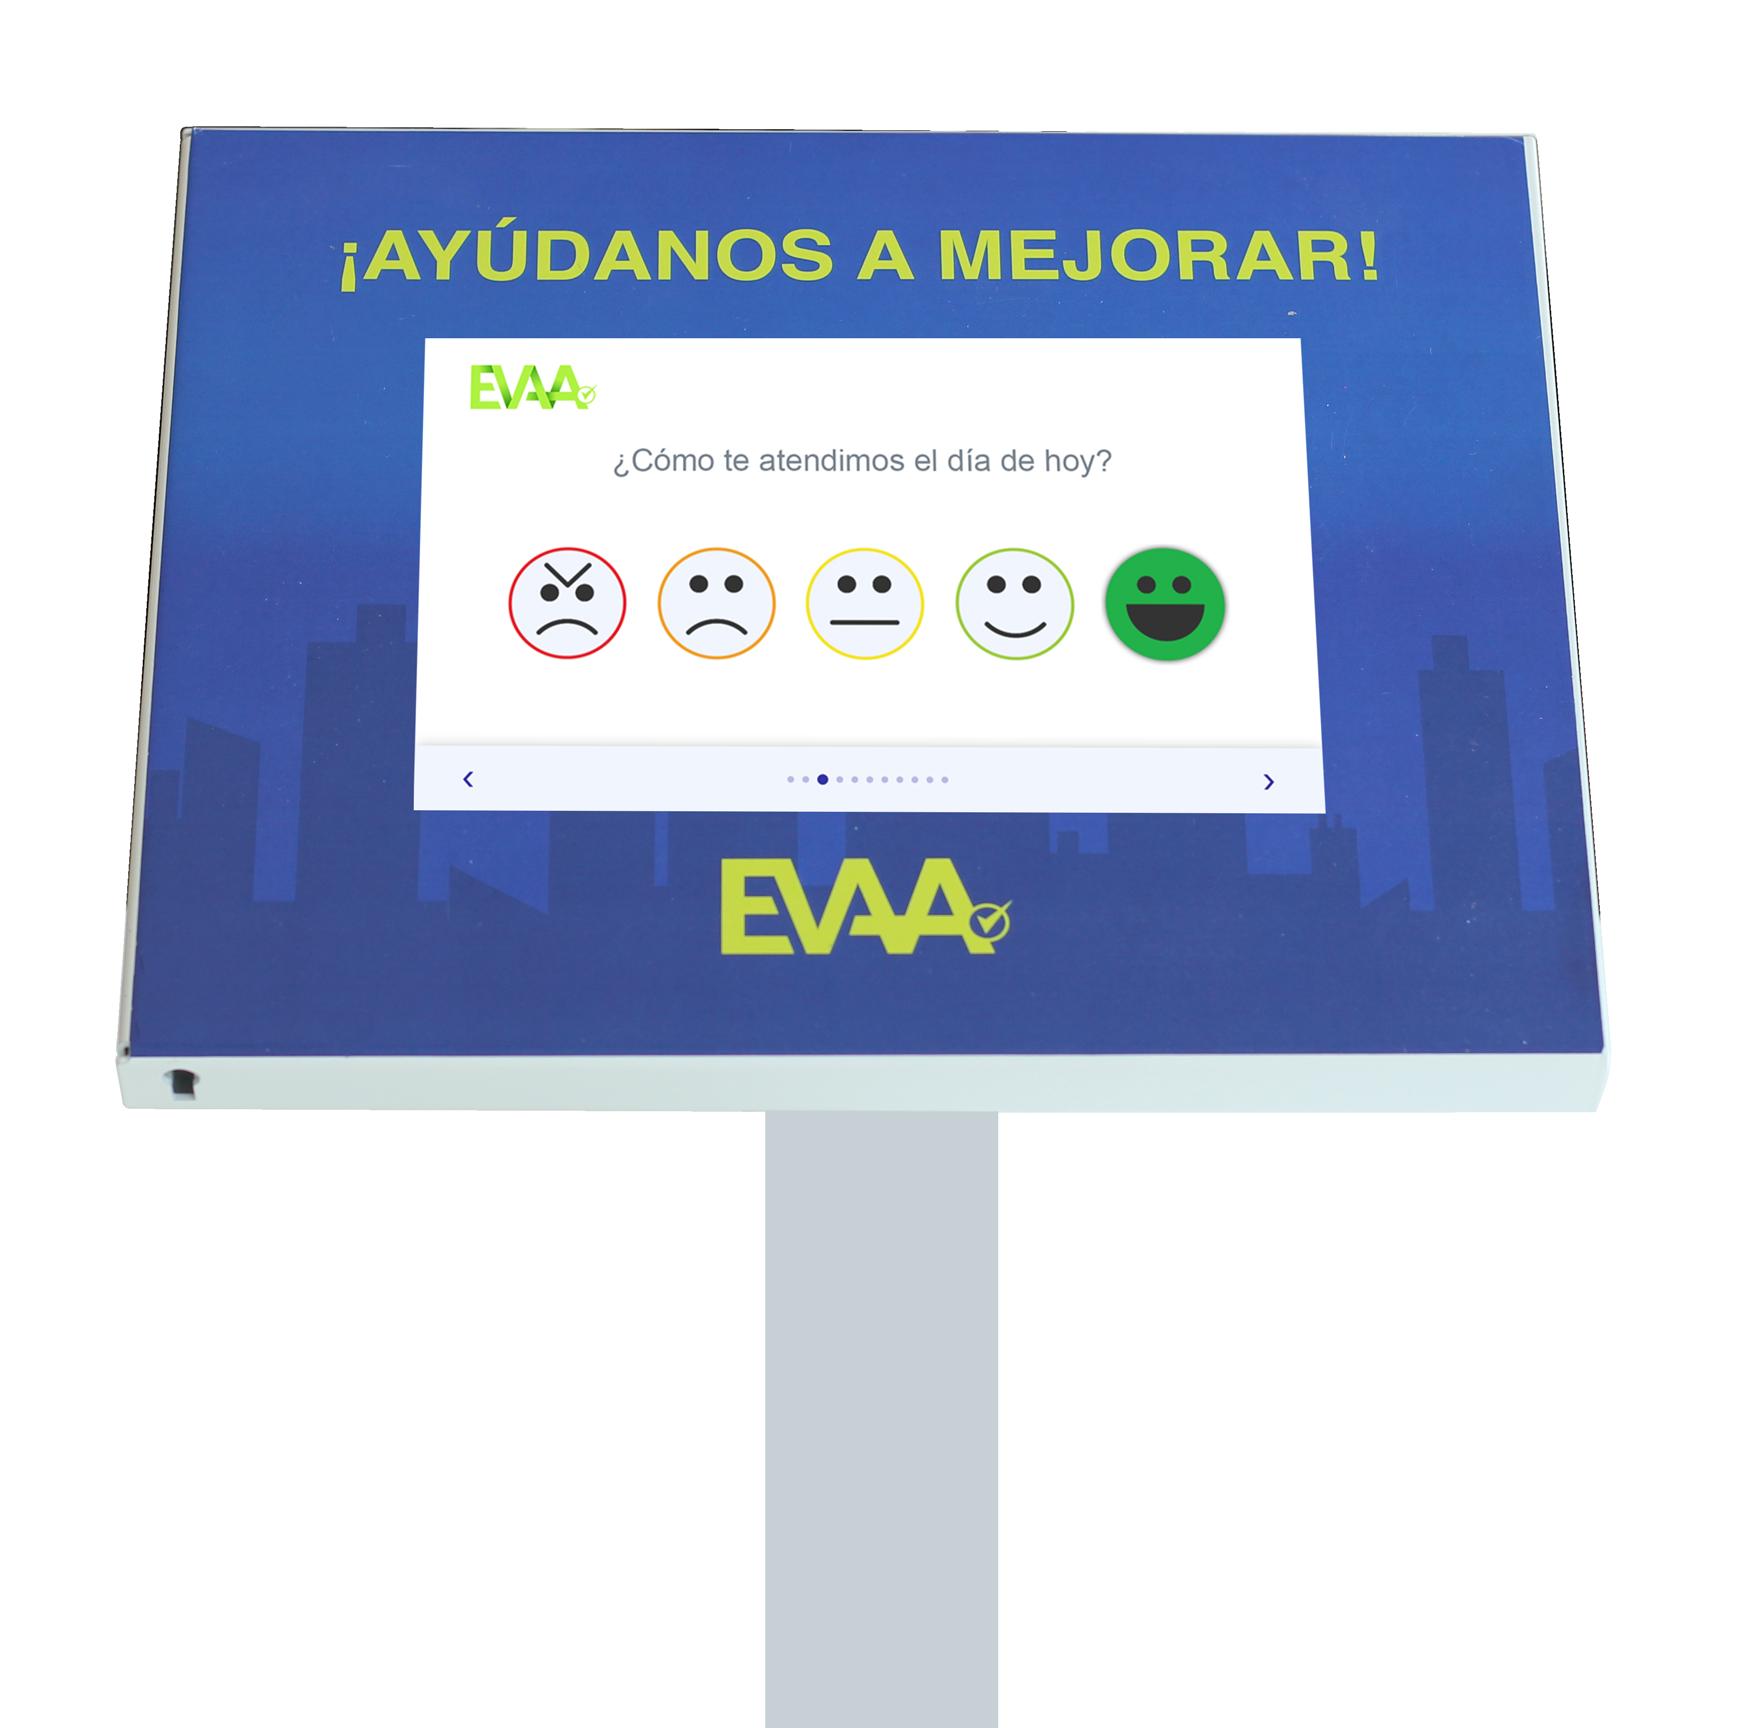 EVAA Kiosk